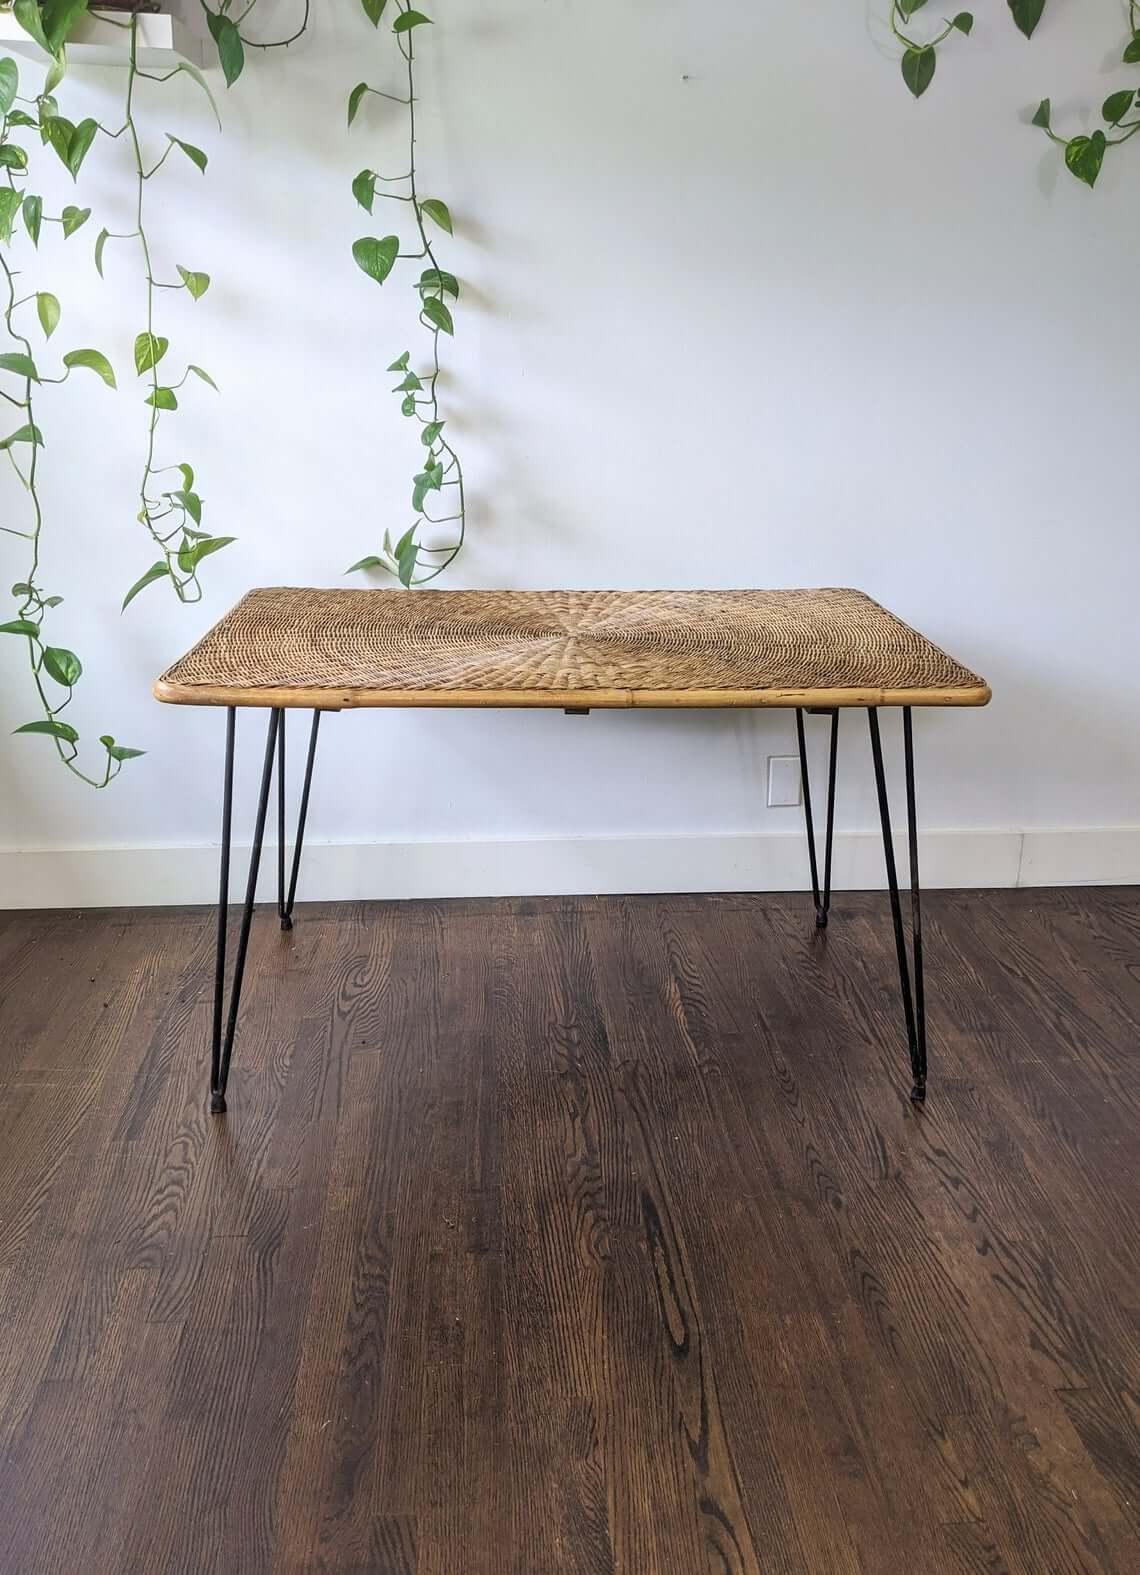 Mid-Century Vintage Rattan Table